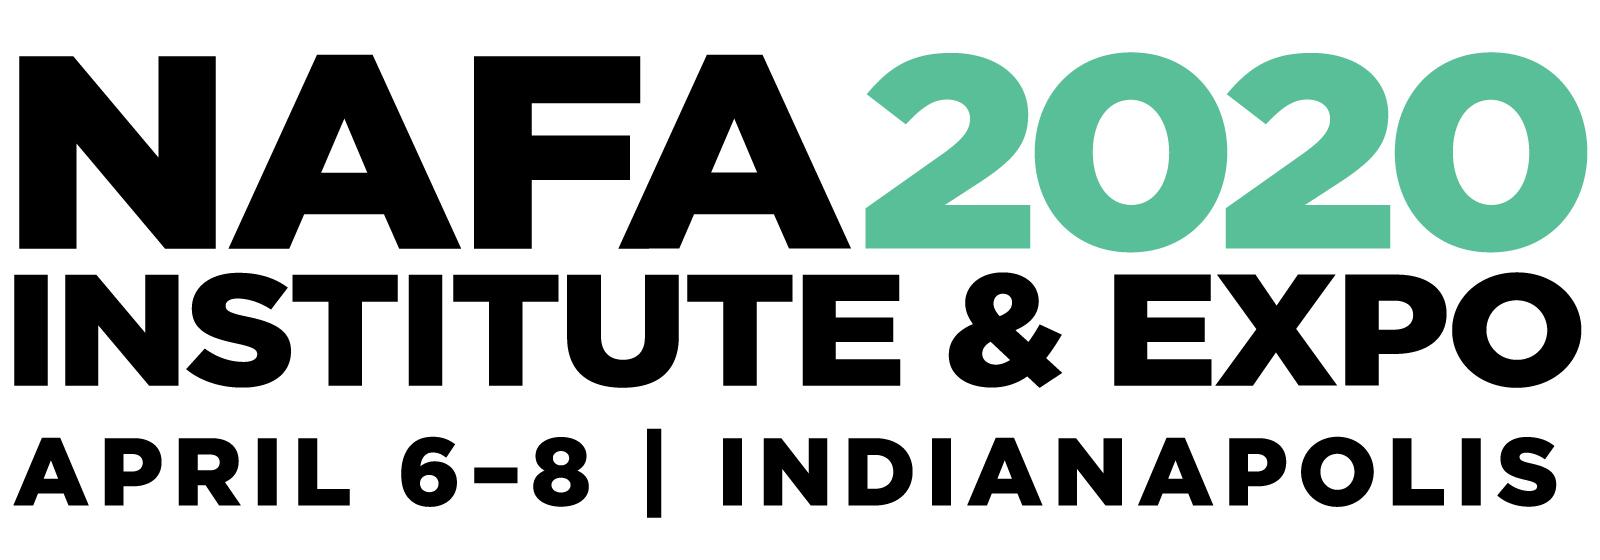 NAFA 2020 Institute & Expo